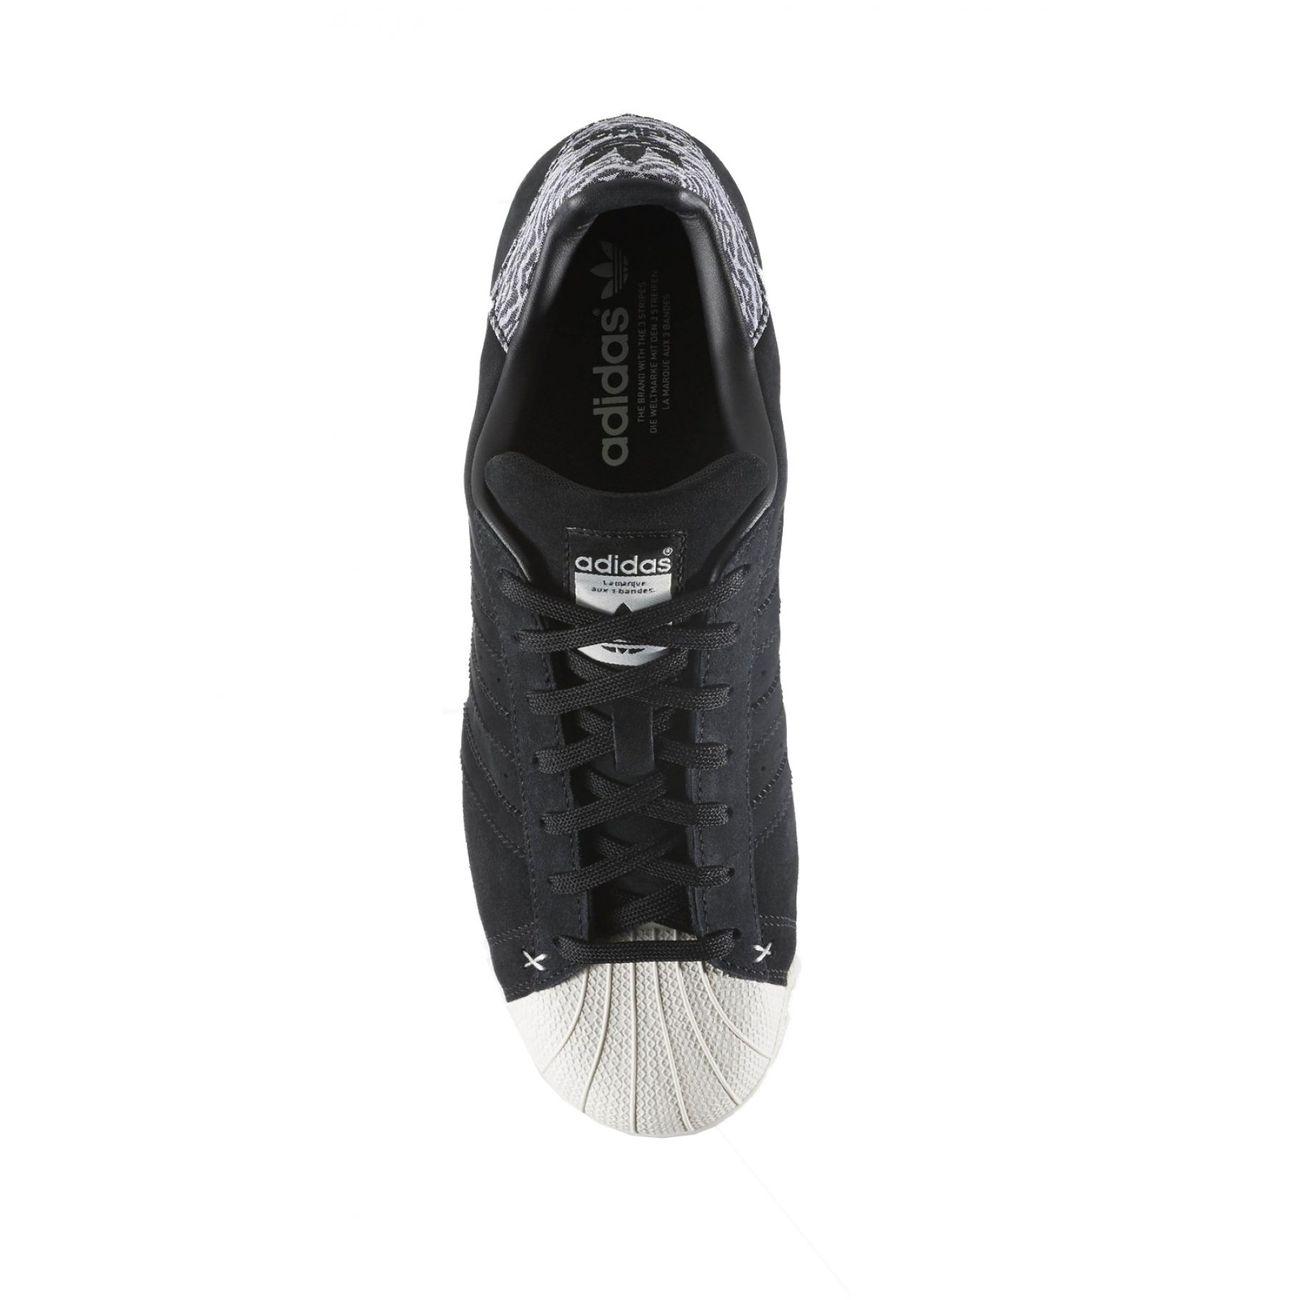 Superstar Cuir B27737 Sneakers Sneakers Superstar Sneakers Cuir B27737 Adidas Adidas Cuir zqaHd